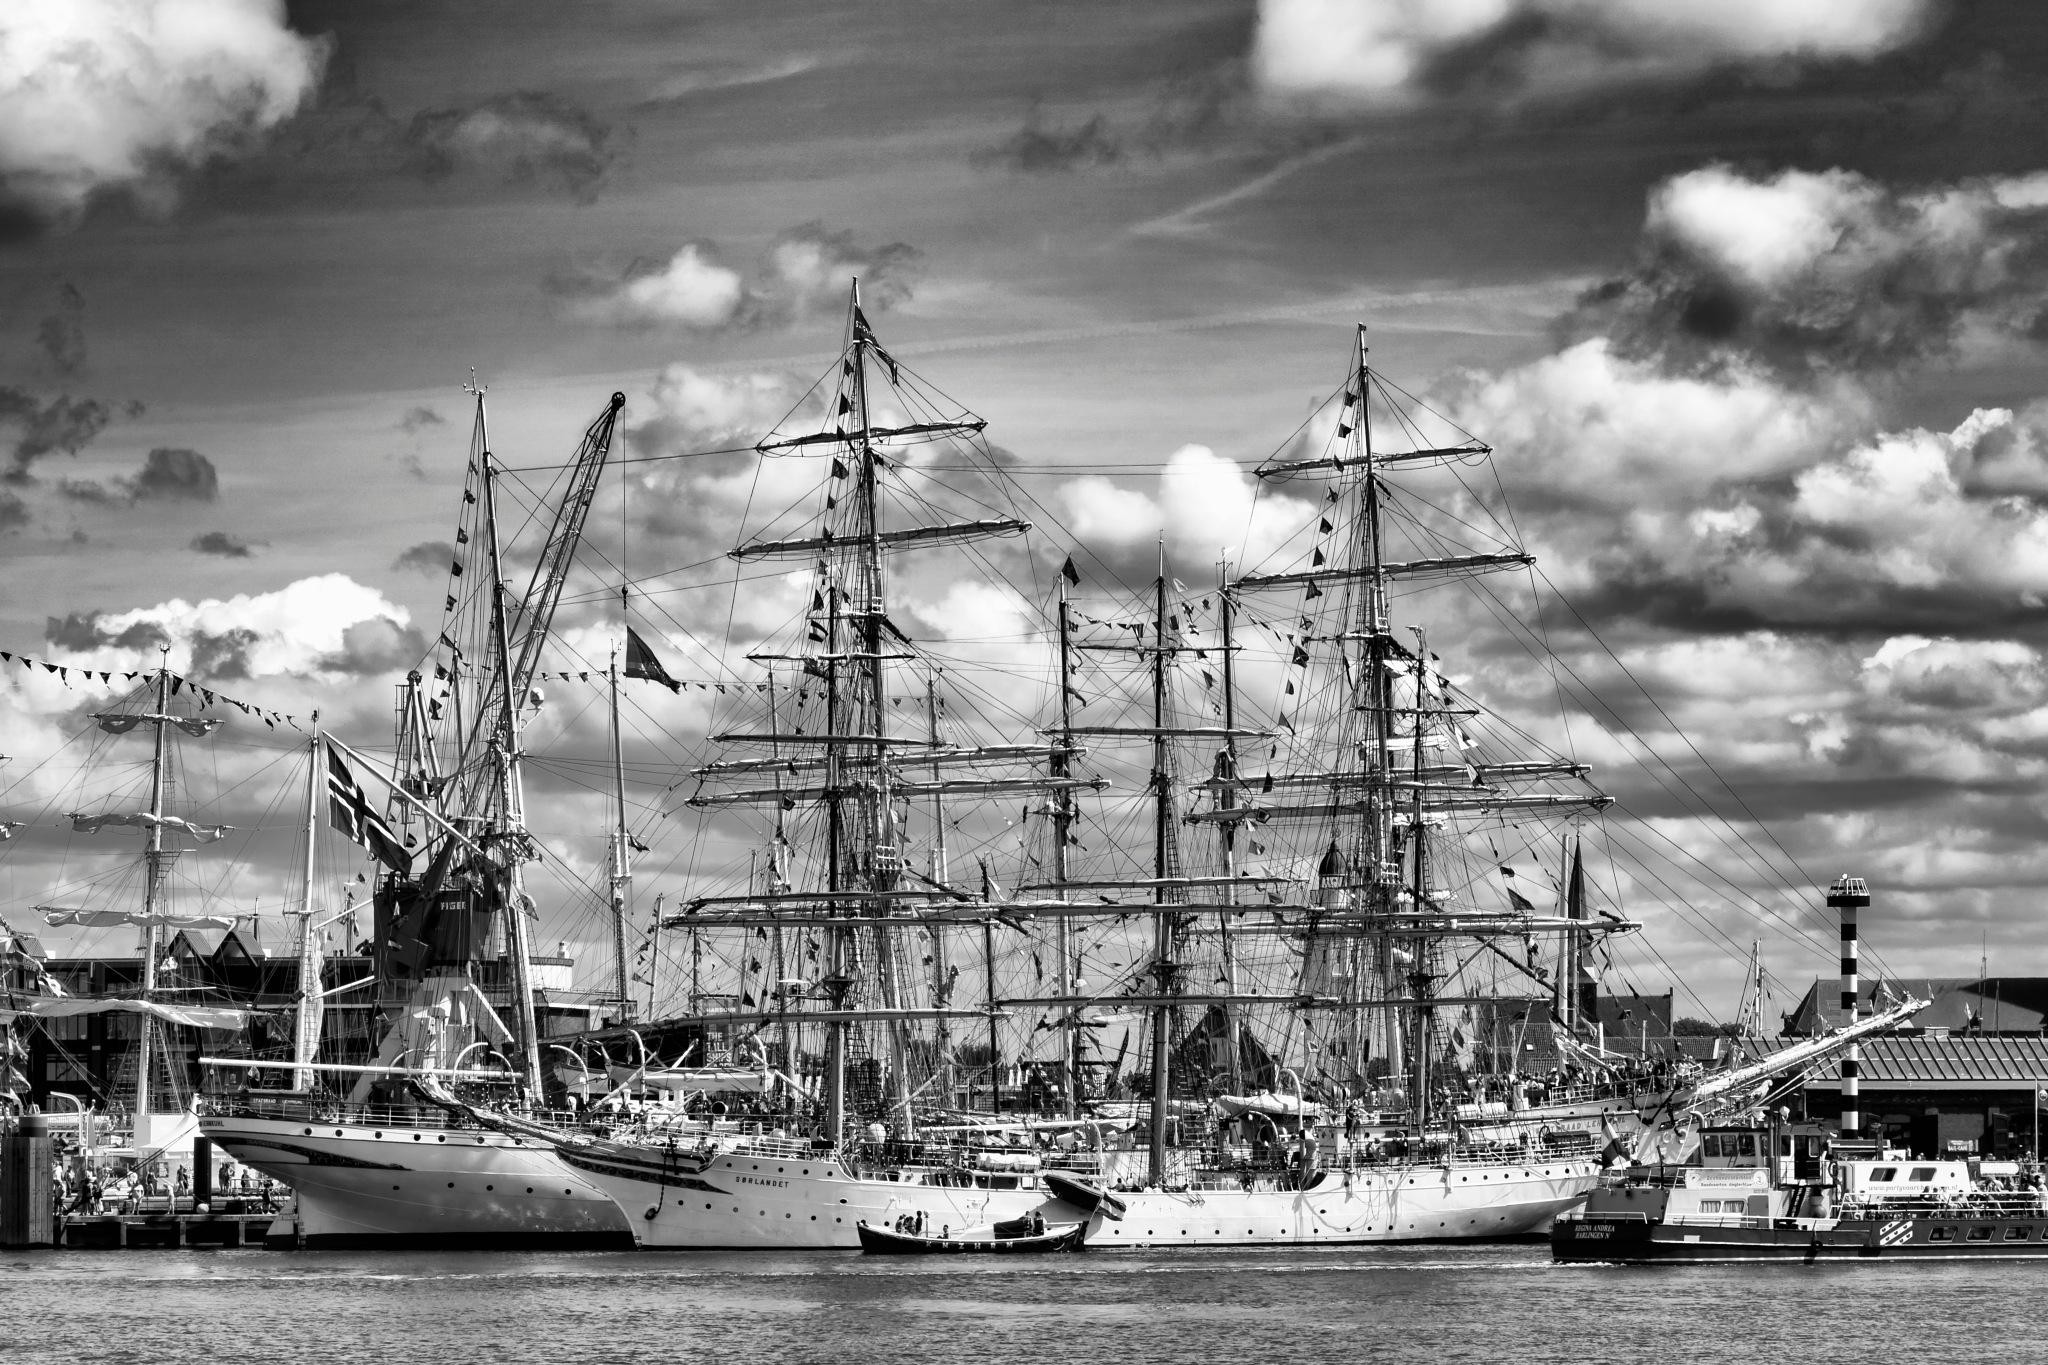 Tallships at Harlingen by Rob van der Griend